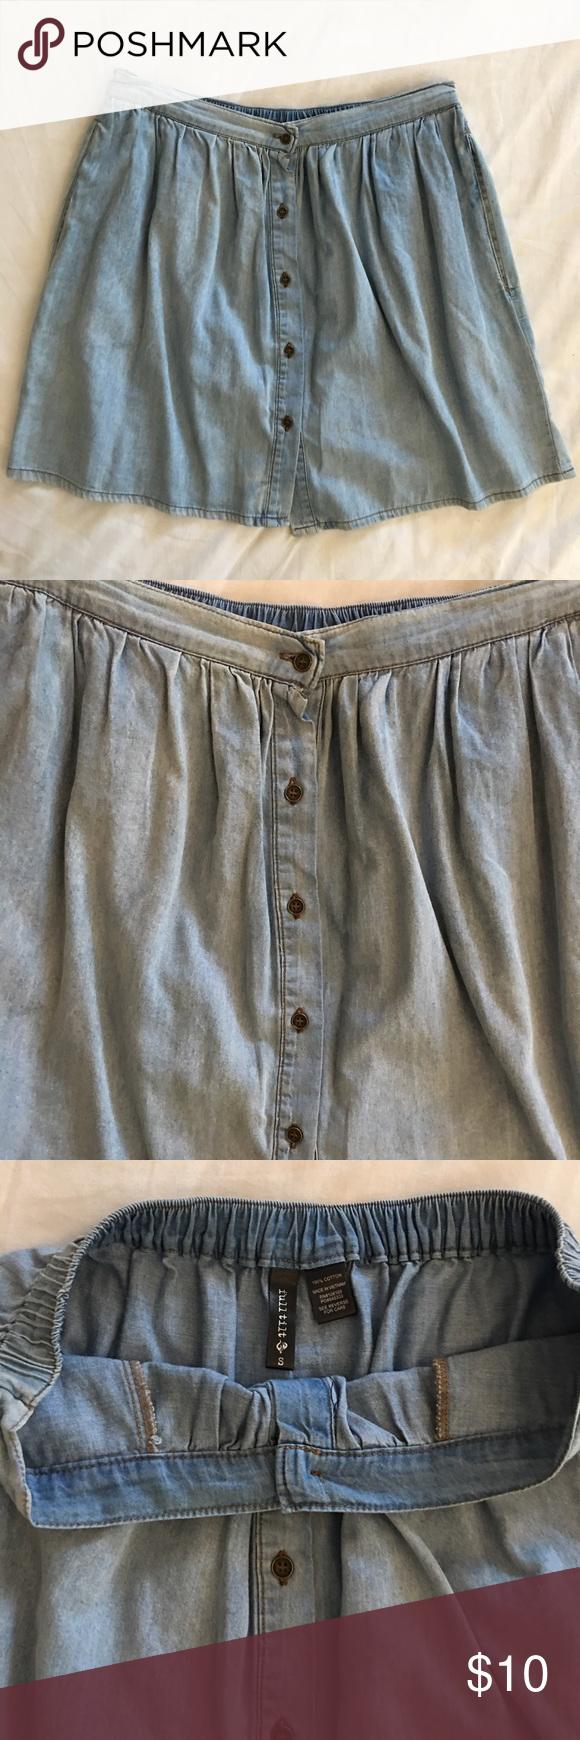 Full tilt Jean Skater Skirt Super cute never used. Jean material and color. Fulltilt size small Full Tilt Skirts Circle & Skater